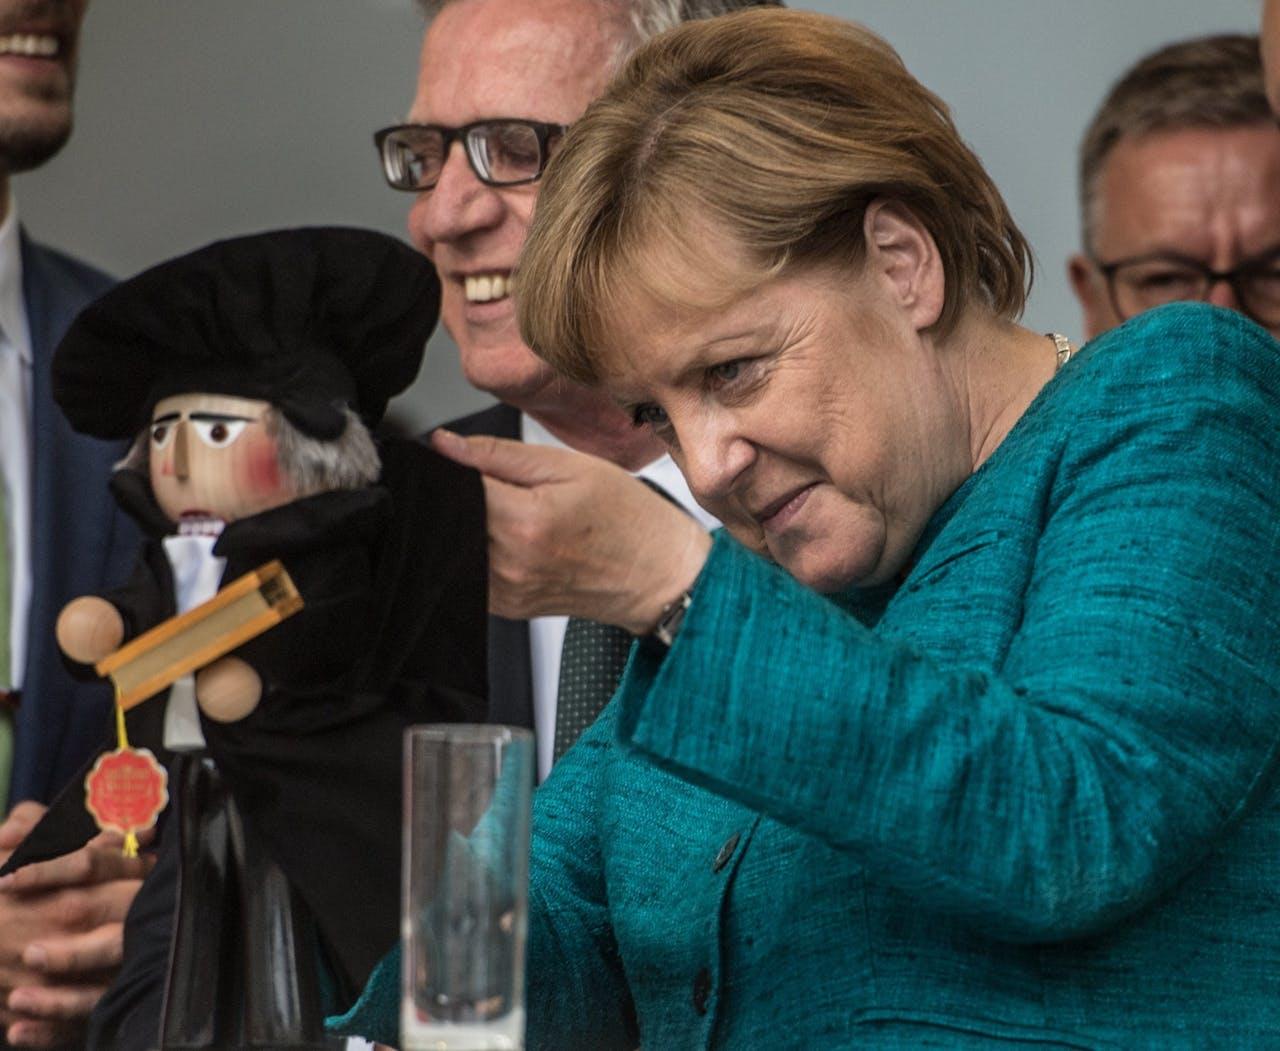 Het Lutherjubileum wordt in Duitsland groots gevierd. Bondskanselier Angela Merkel houdt een Luther-handpoppetje vast tijdens een campagnebijeenkomst van haar partij (CDU).